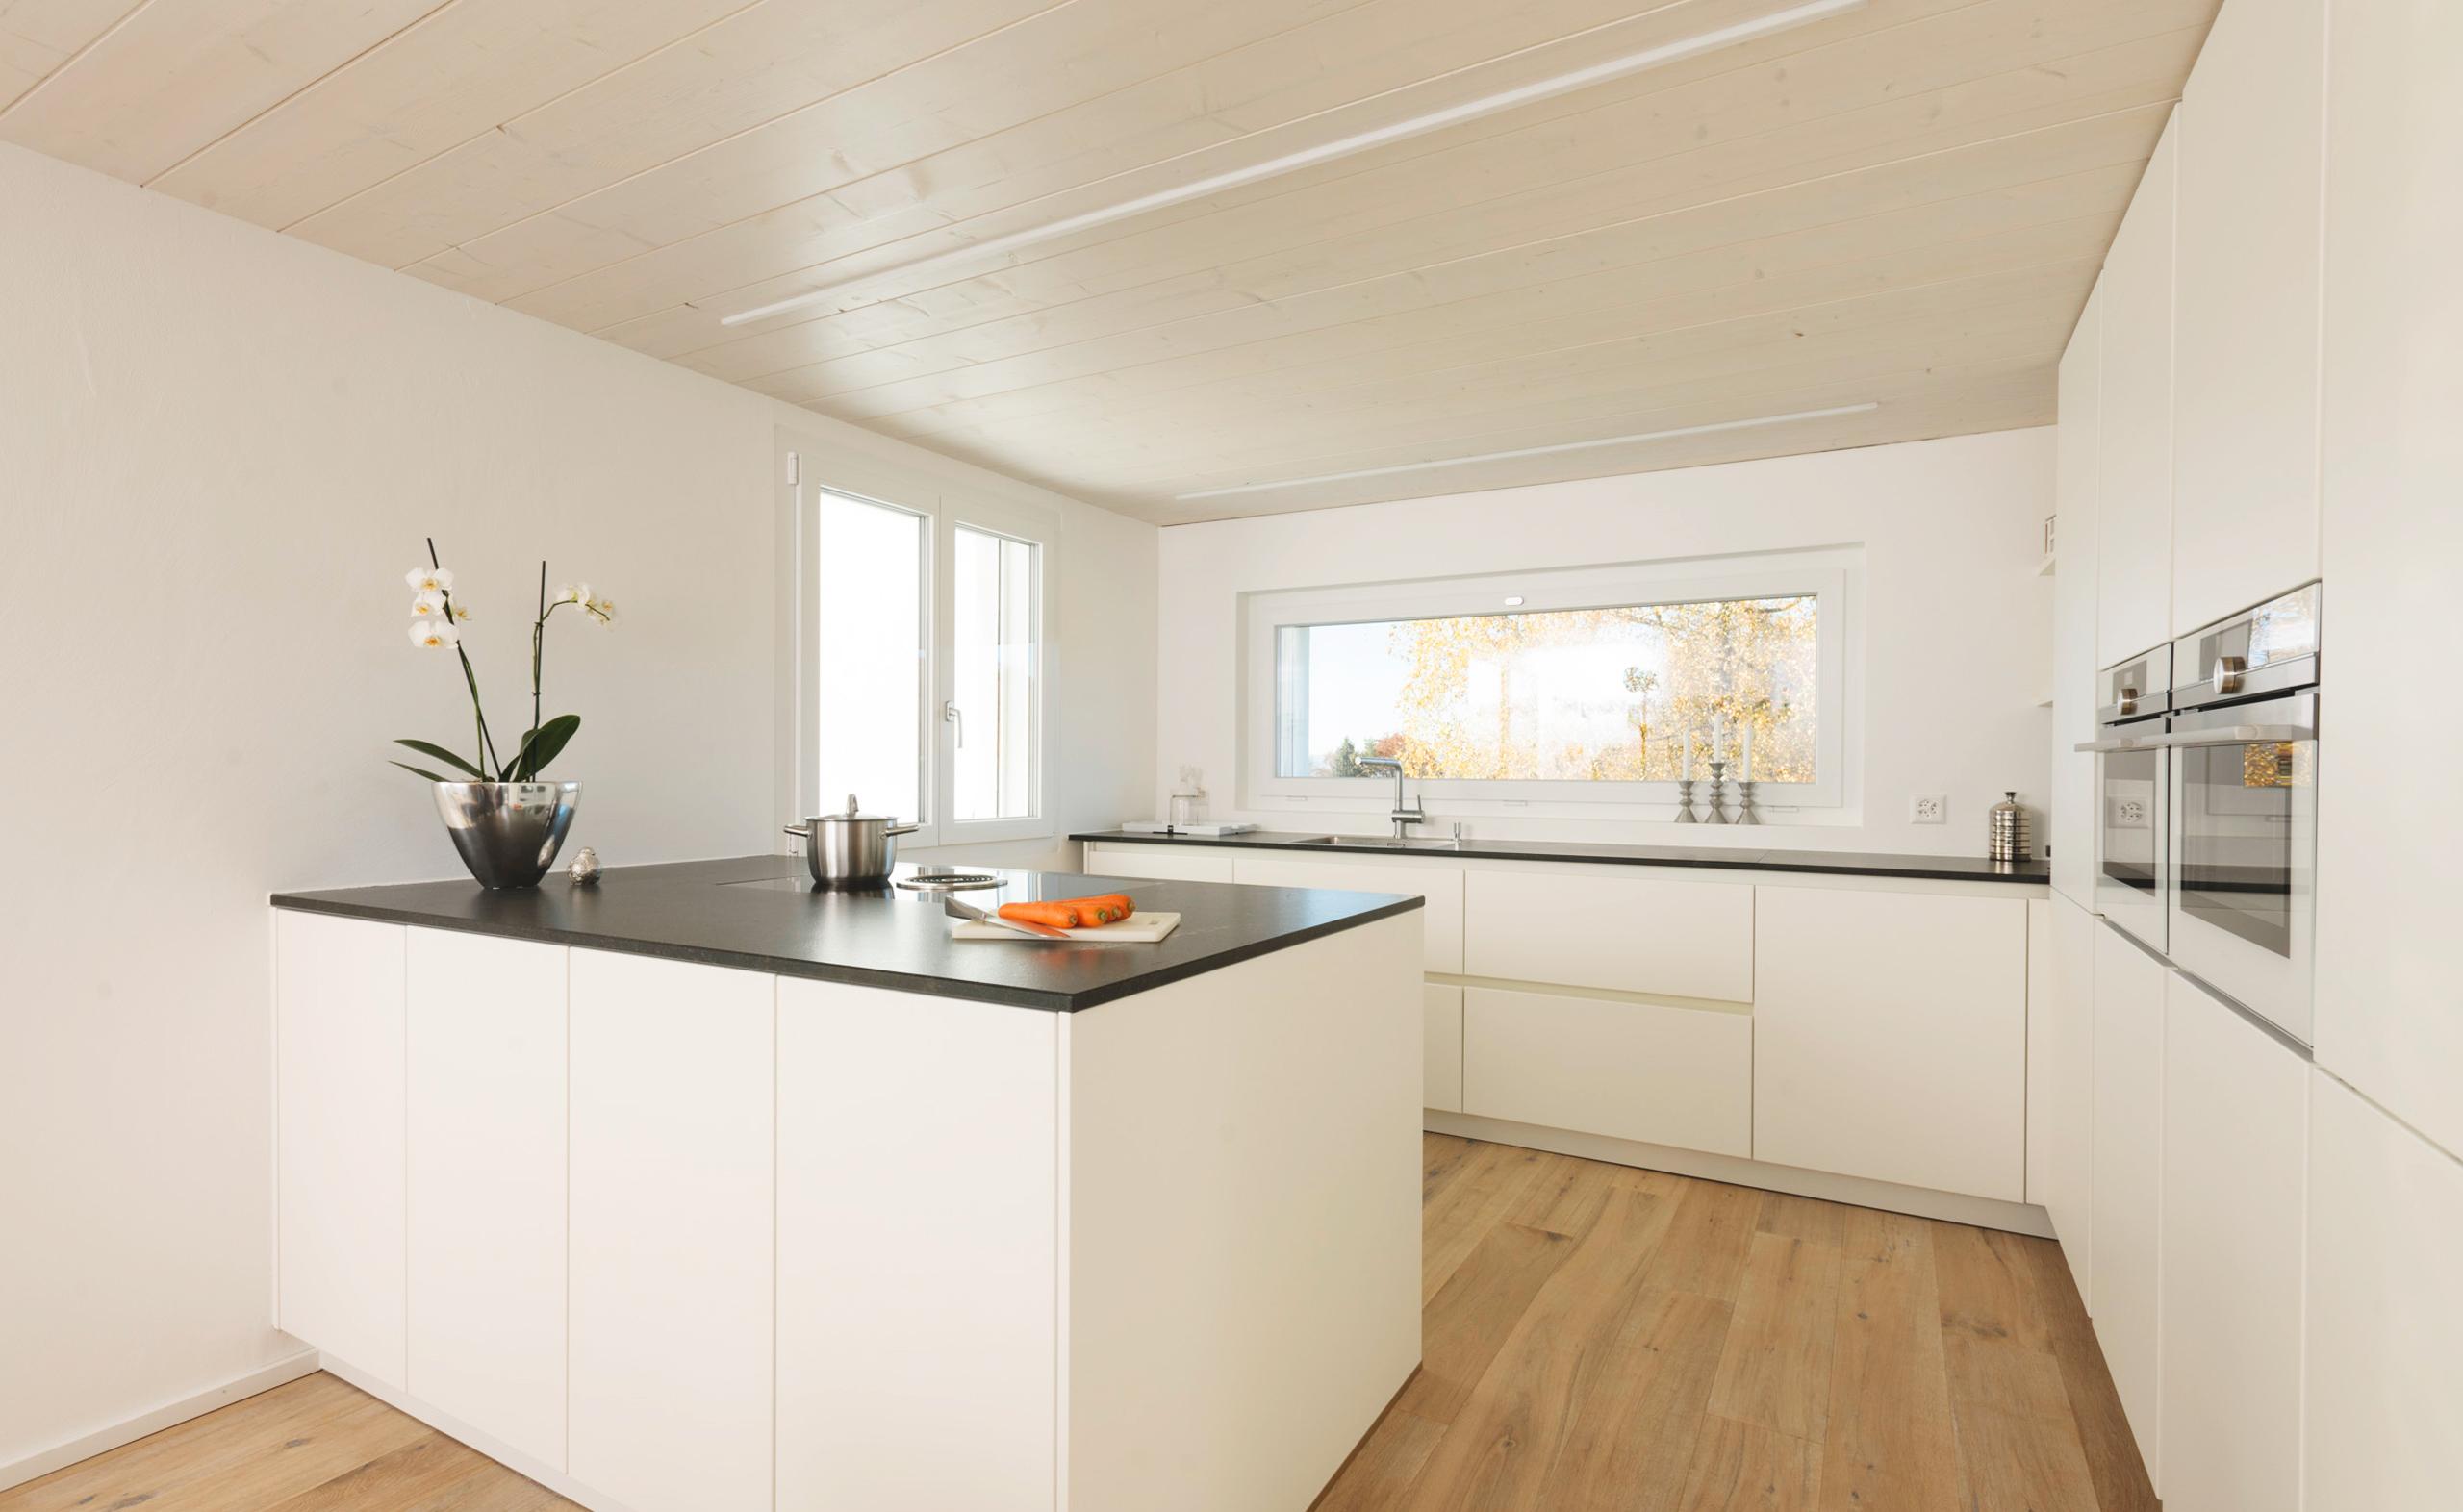 Niedlich Bauernhaus Küchen Uk Ideen - Ideen Für Die Küche Dekoration ...